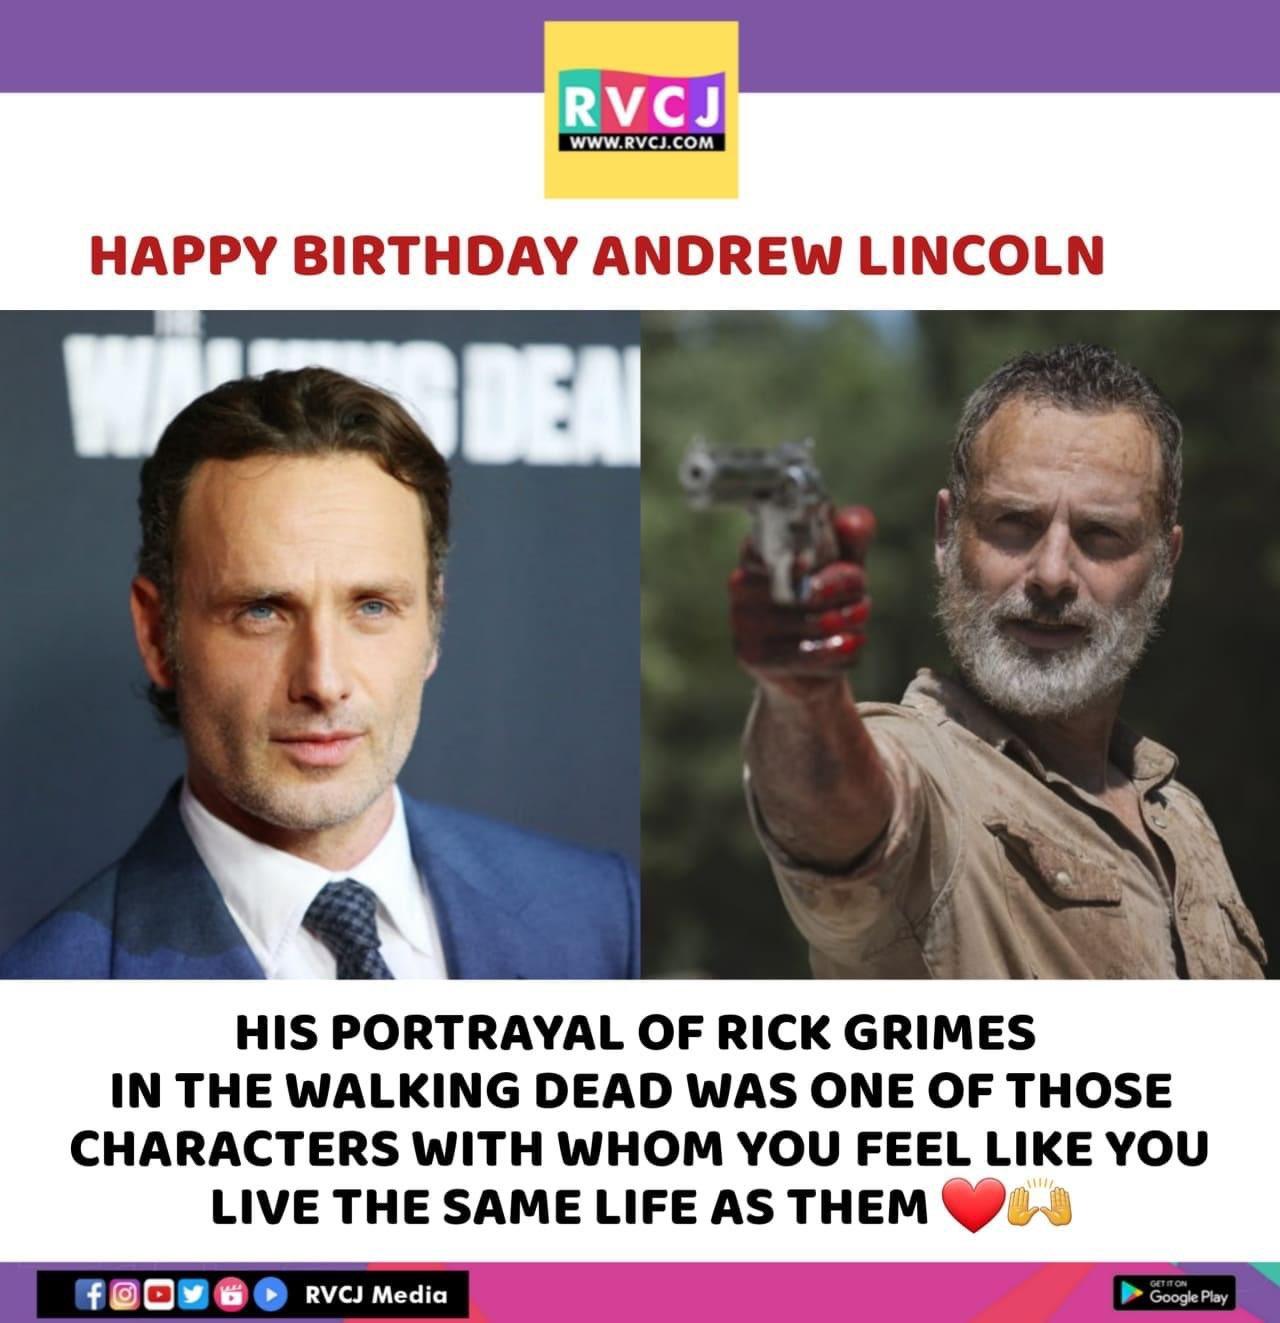 Happy Birthday Andrew Lincoln!